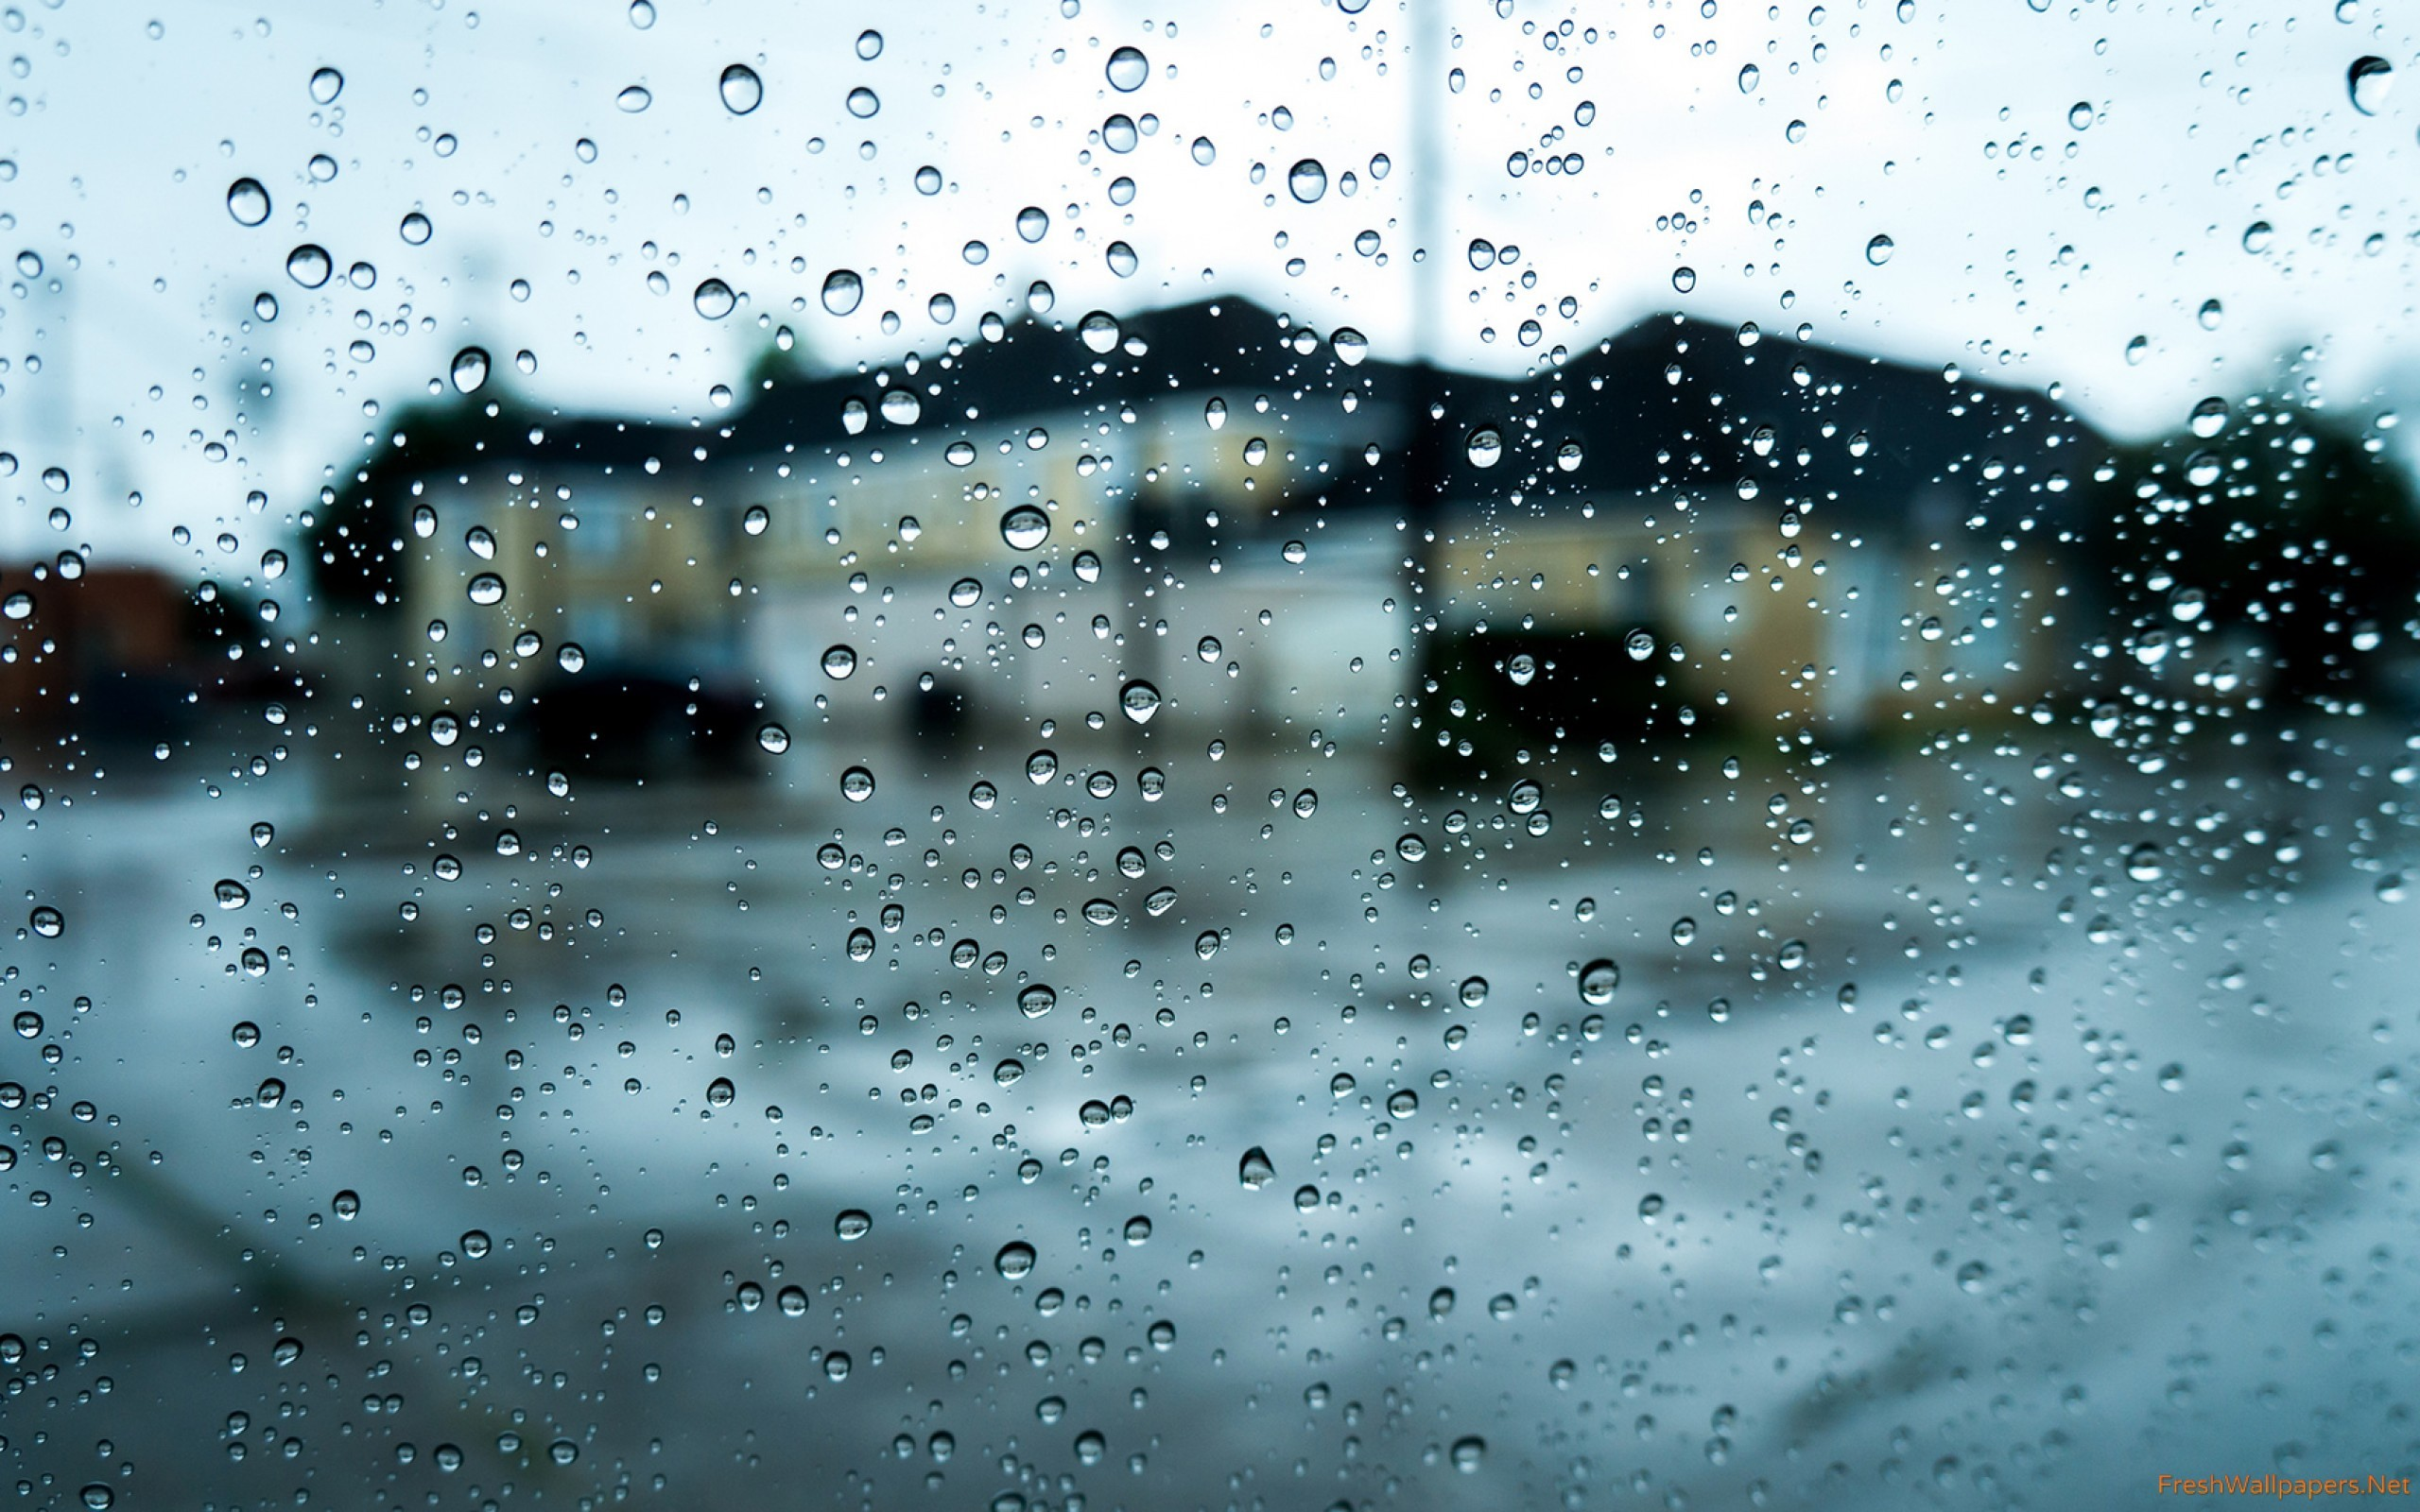 Rain Drop Wallpaper 77 Images